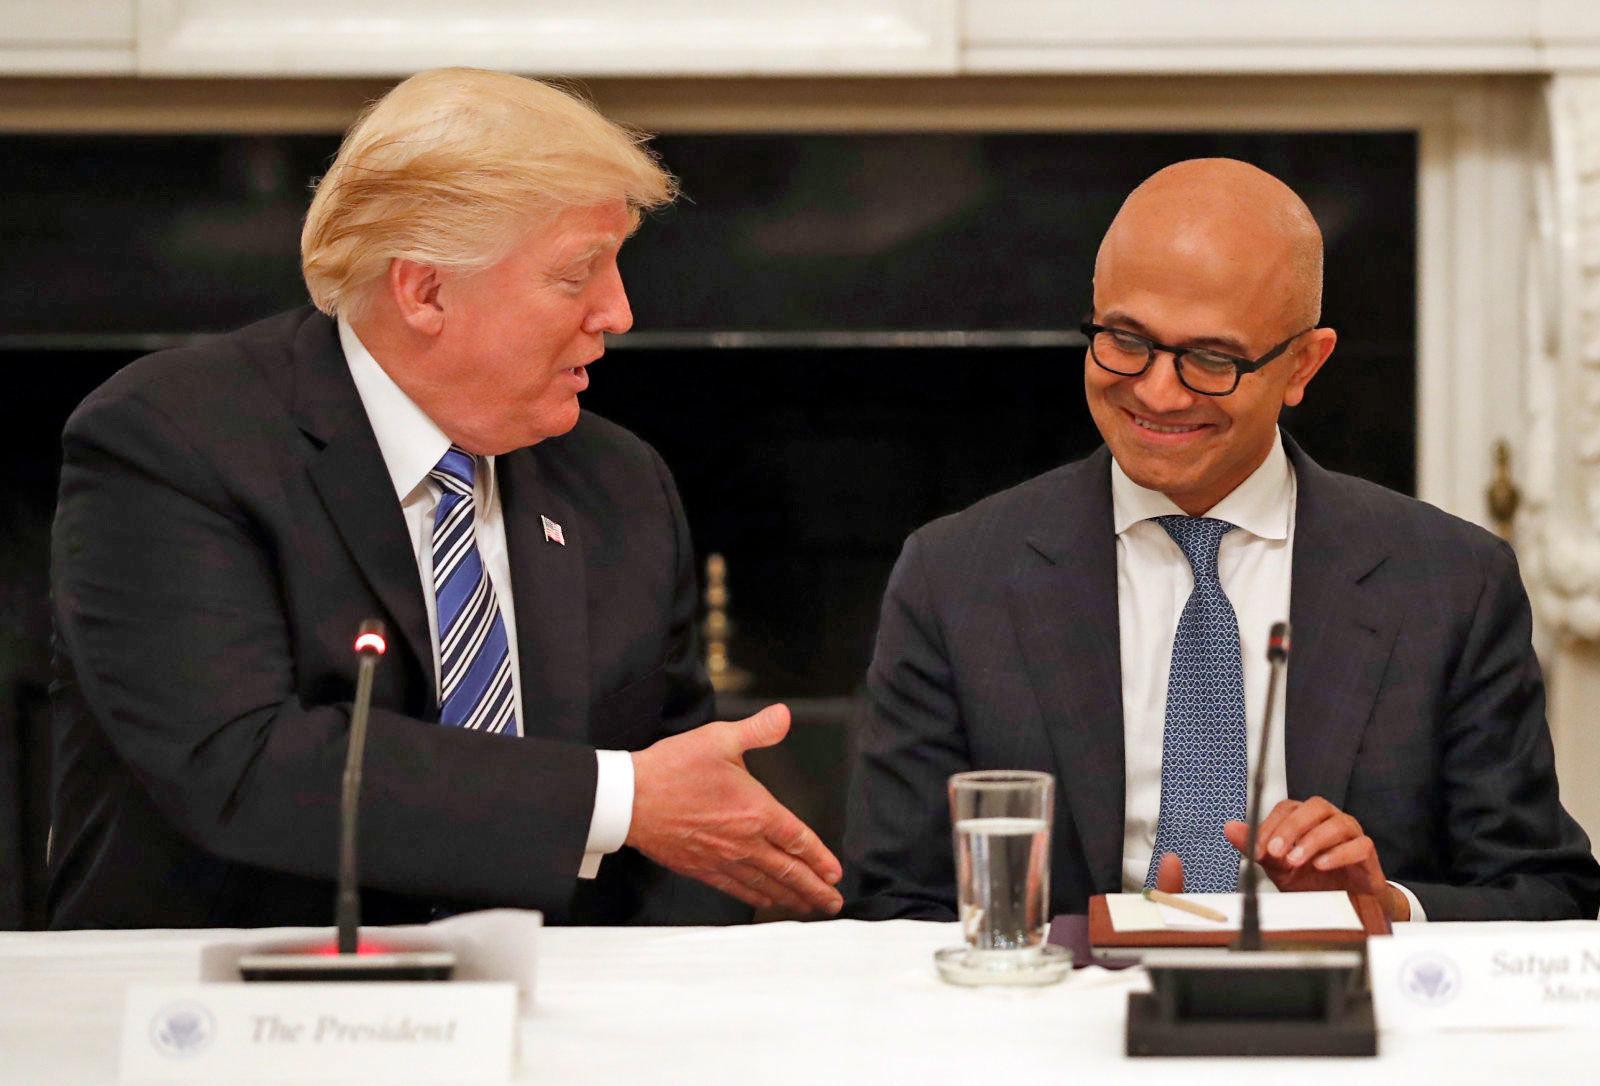 مایکروسافت با دو ابزار ویژه از آرای مردم در انتخابات سیاسی محافظت میکند